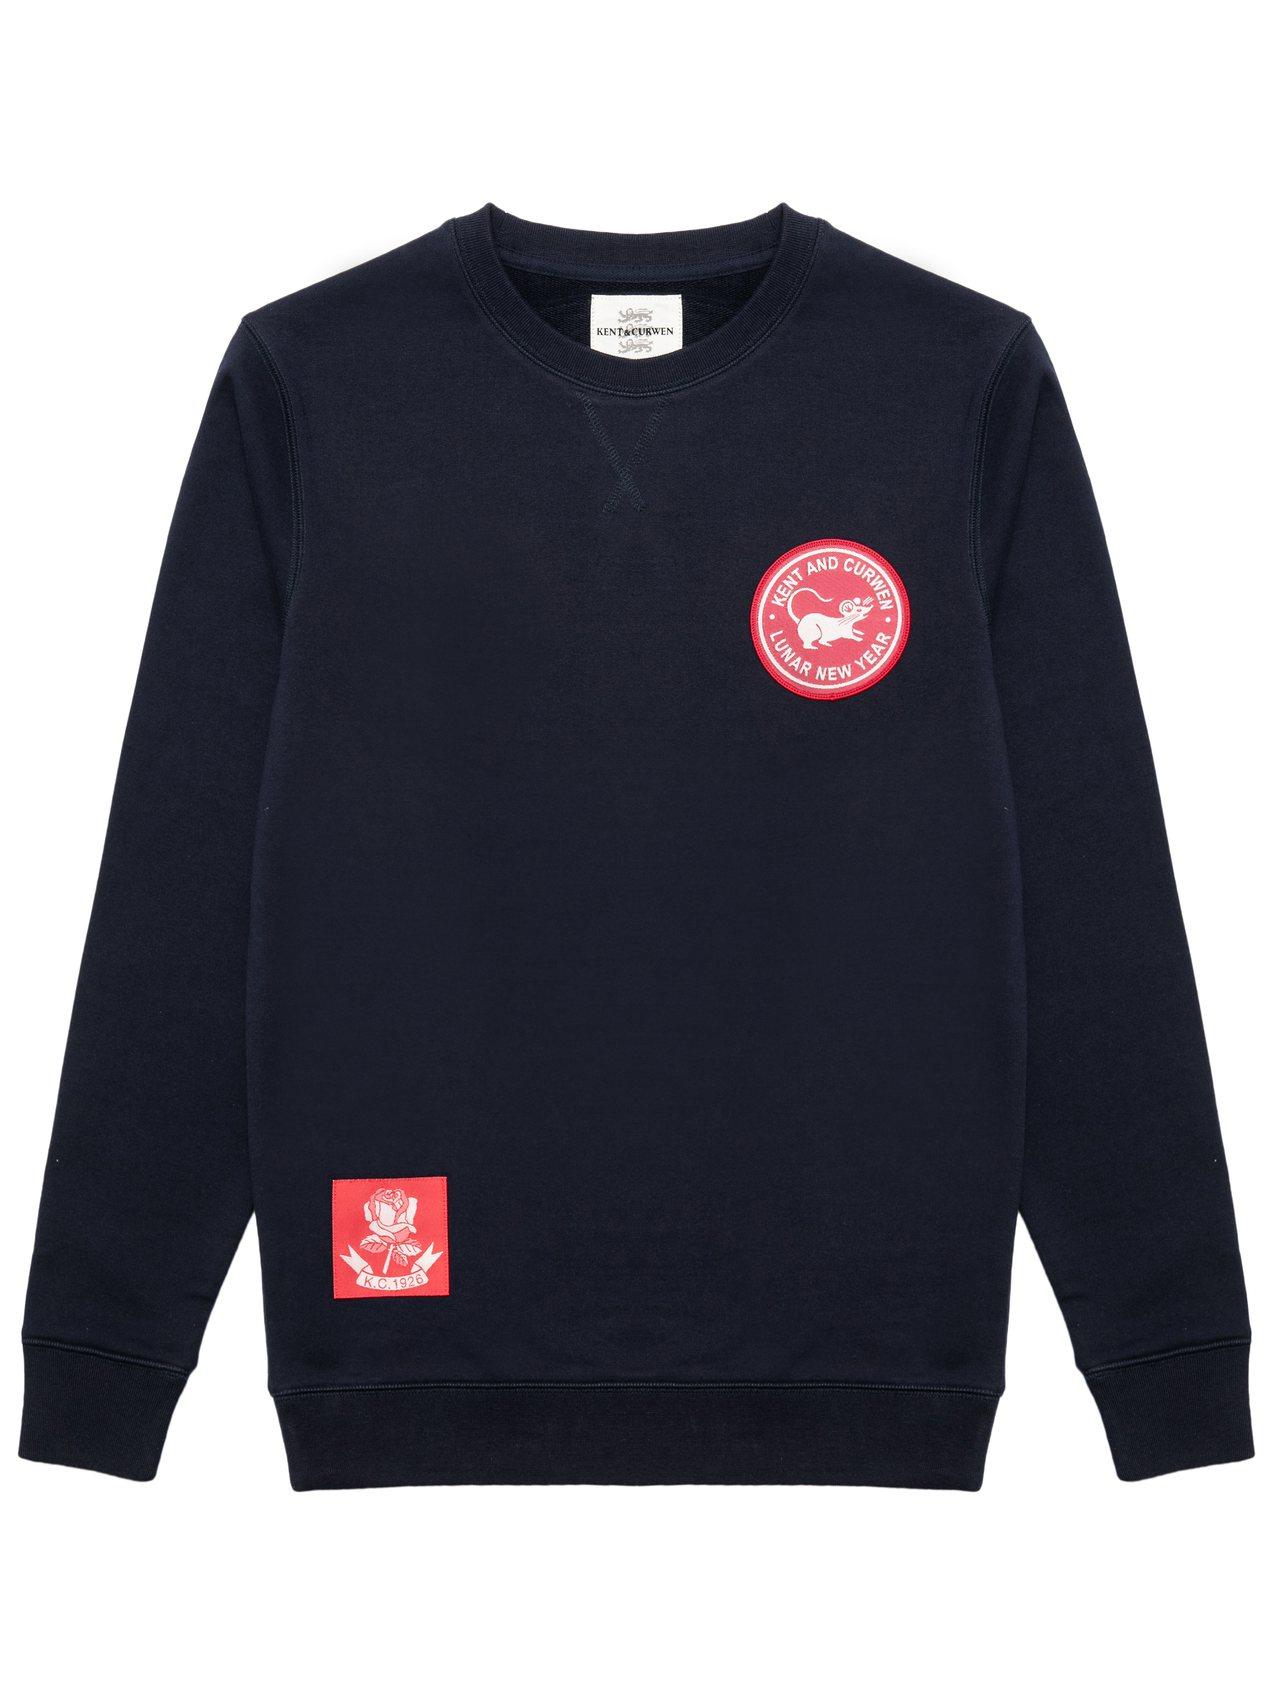 Kent & Curwen鼠年限定迷你系列海軍藍圓領衫7,770元。圖/Kent...